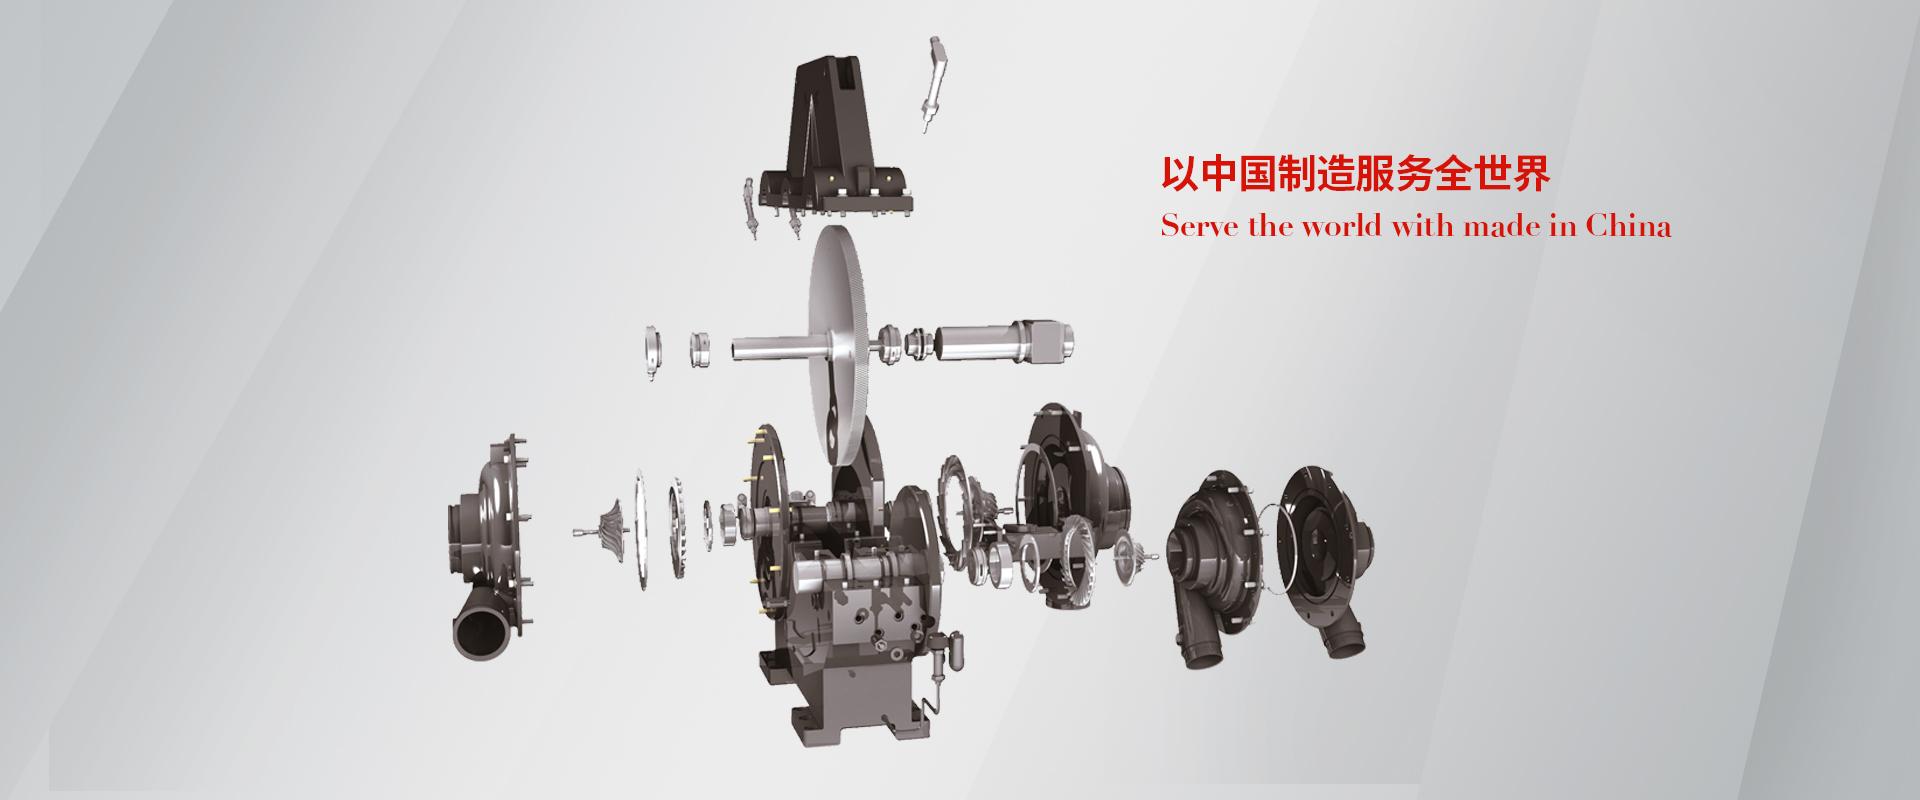 空压机厂家,离心空压机维修,离心空压机备件